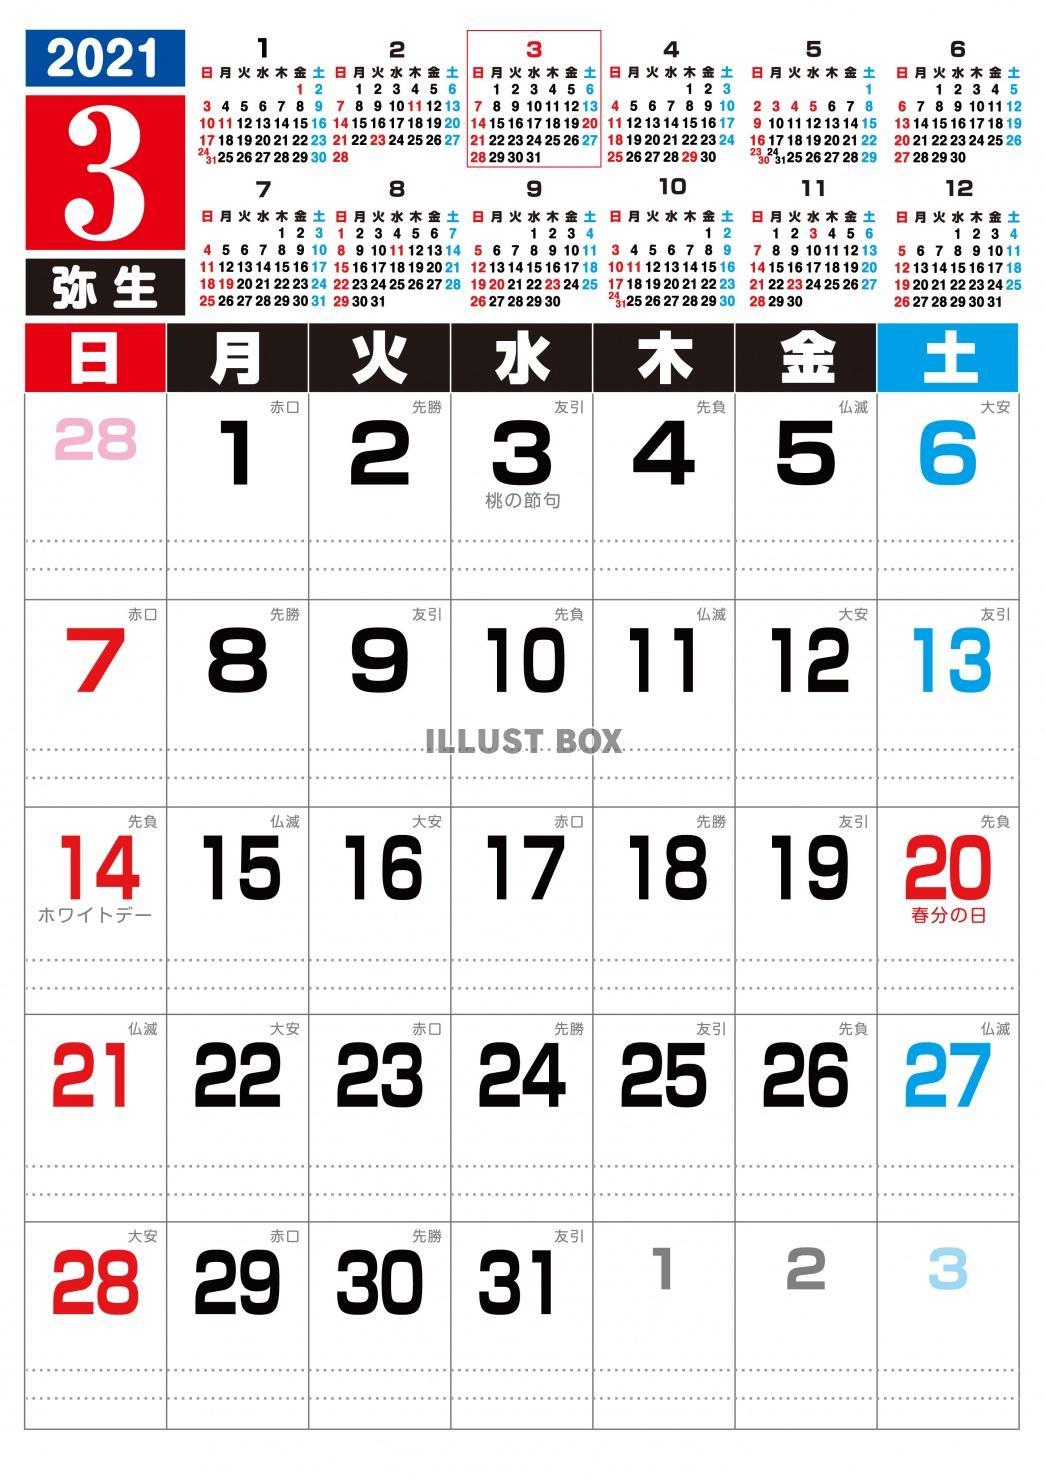 カレンダー 素材 3月 イラスト無料